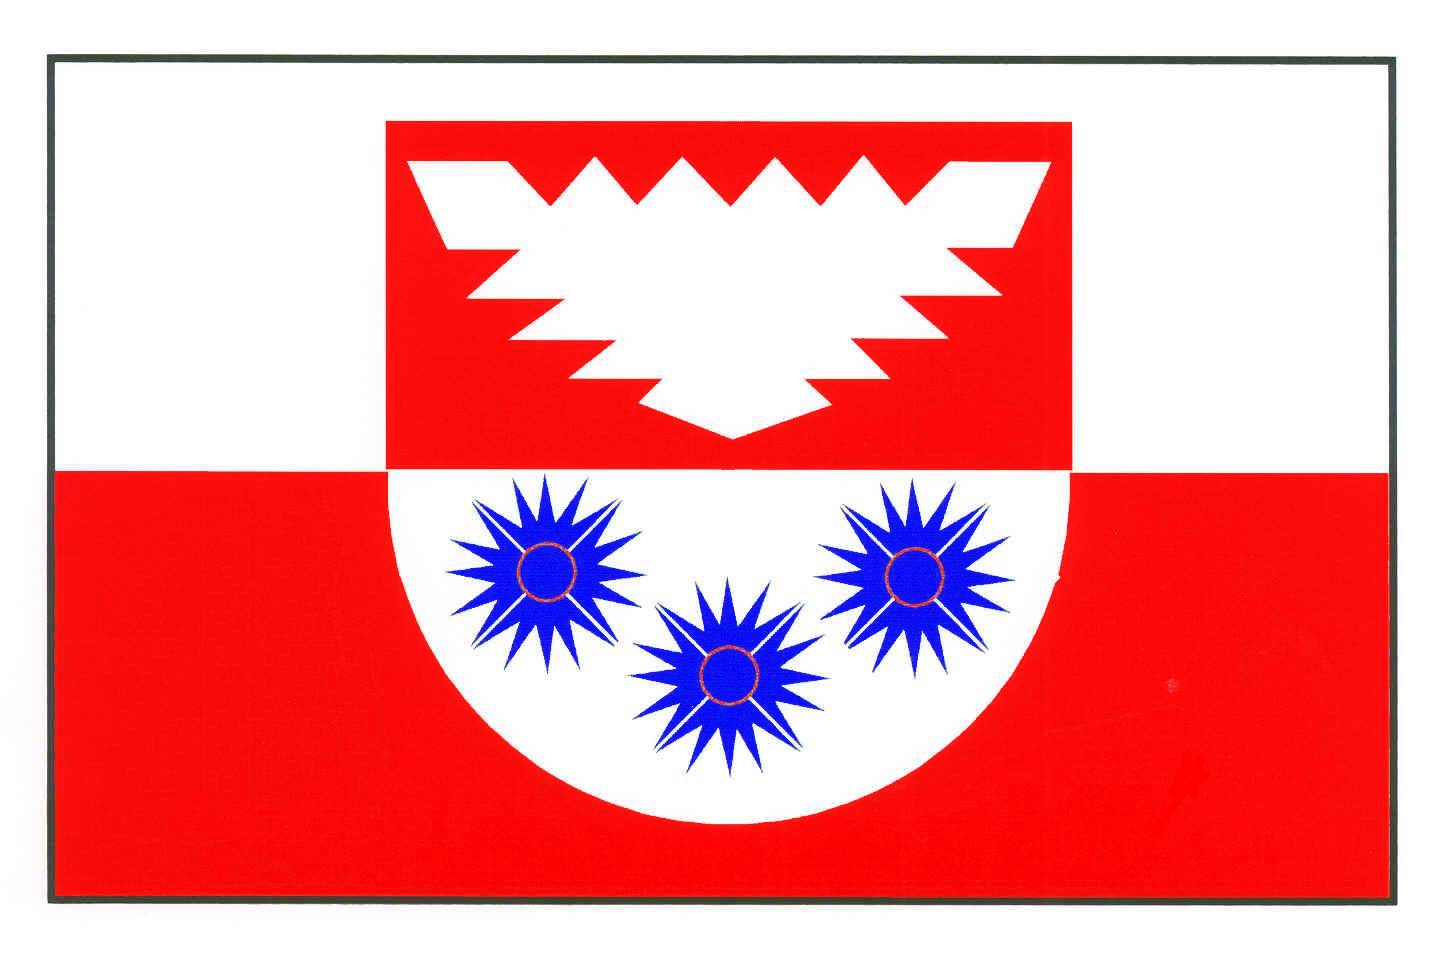 Flagge GemeindeStoltenberg, Kreis Plön